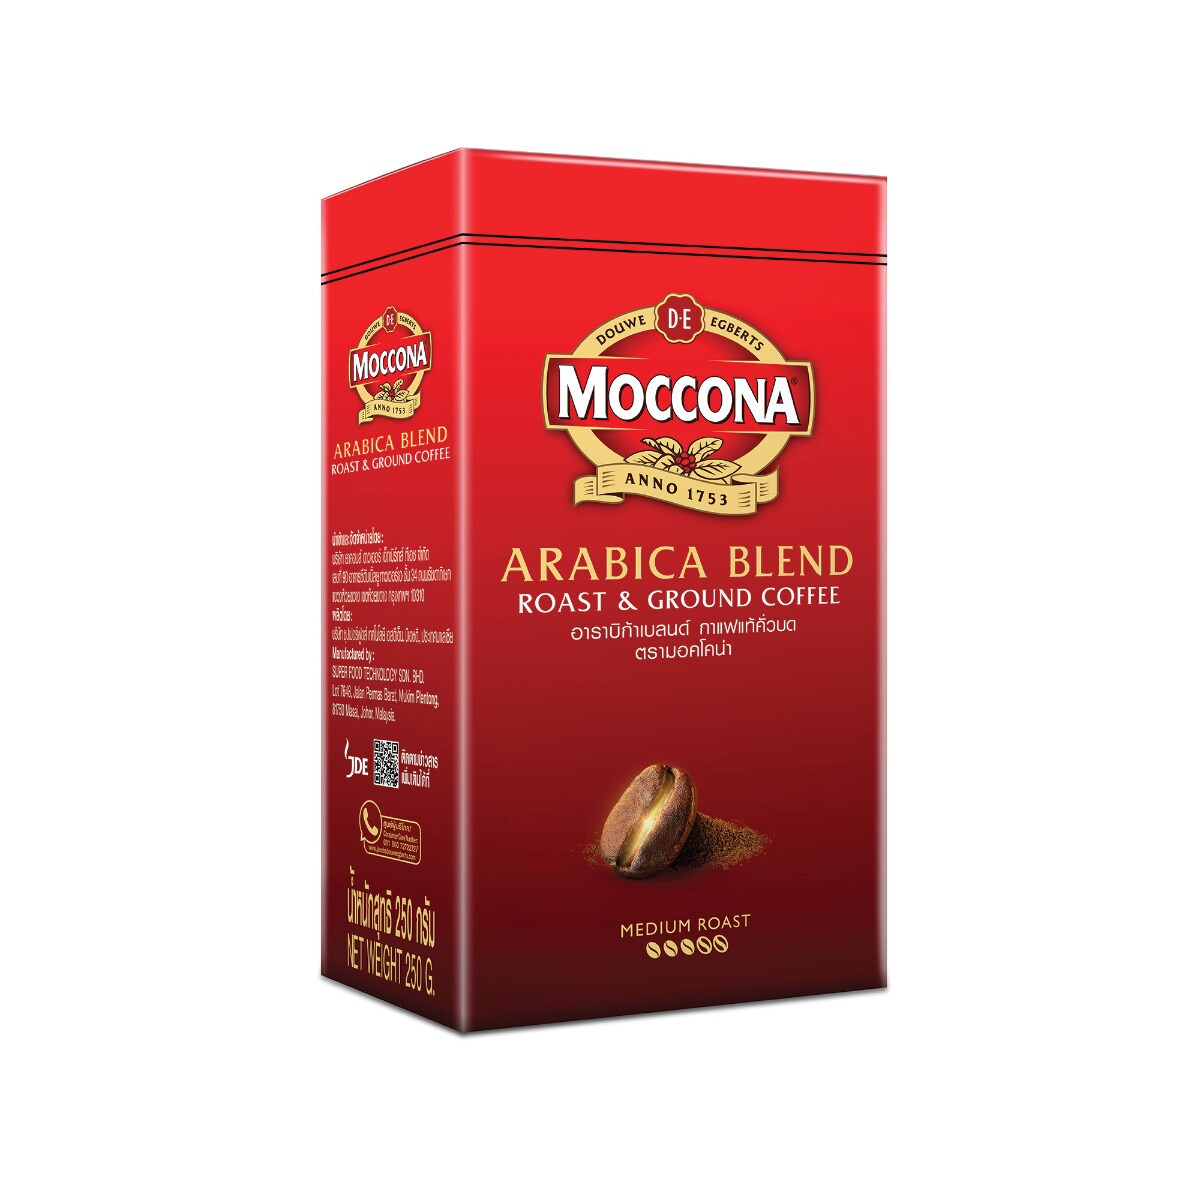 8. กาแฟคั่วบด Mocha มอคโคน่า